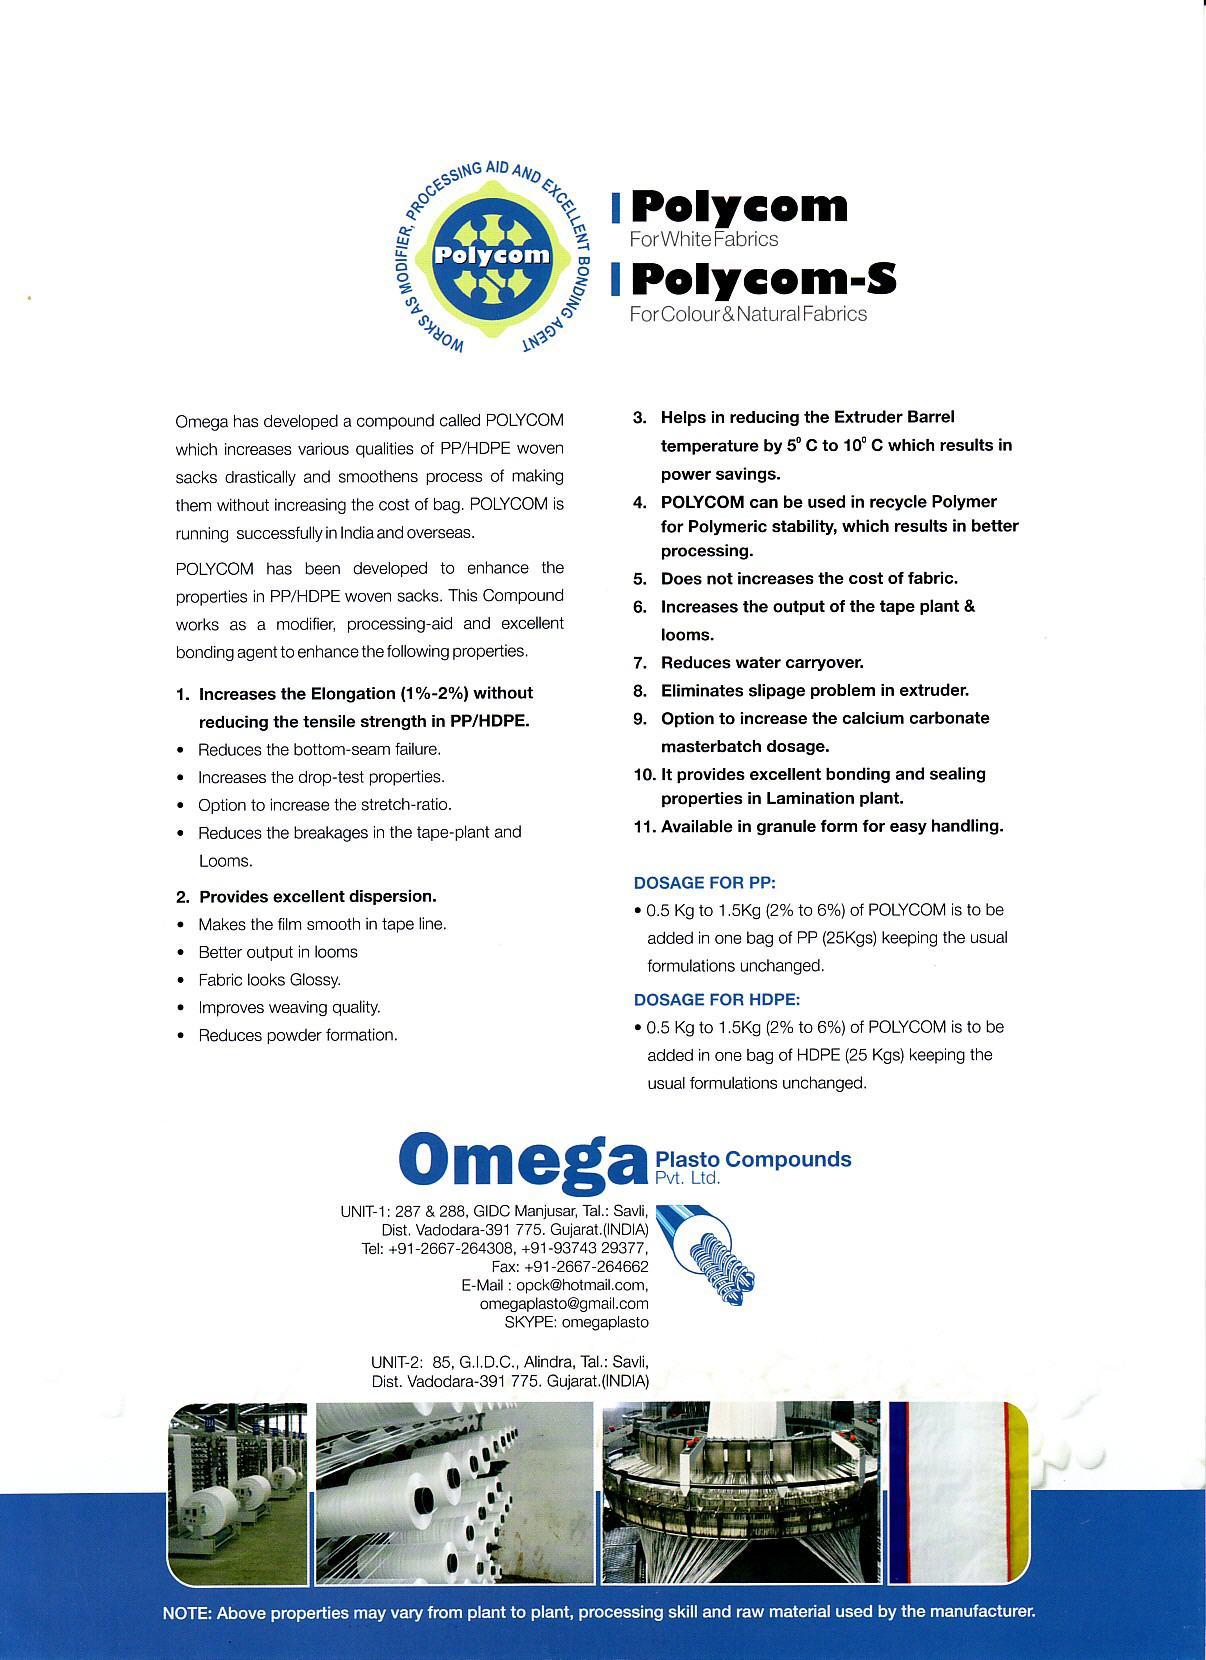 Omega Trading Company